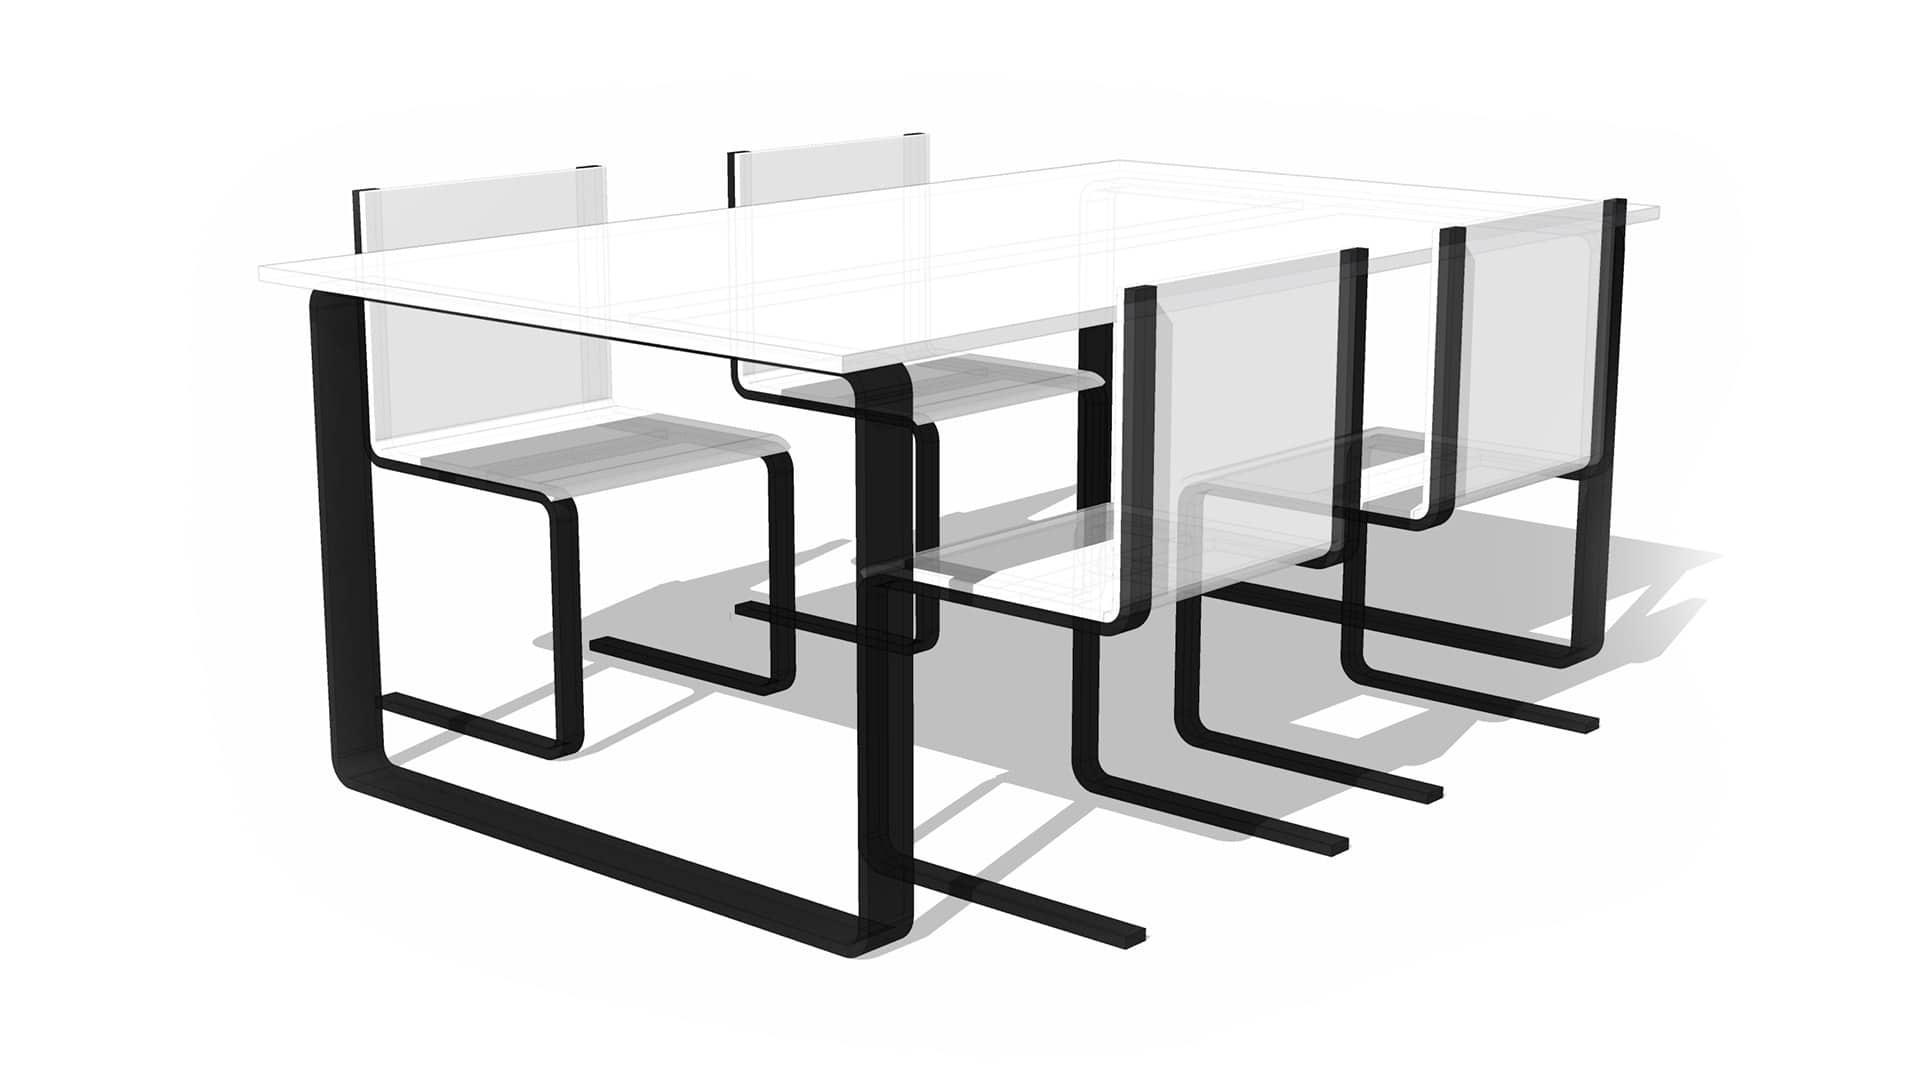 Ljuddämpande bord